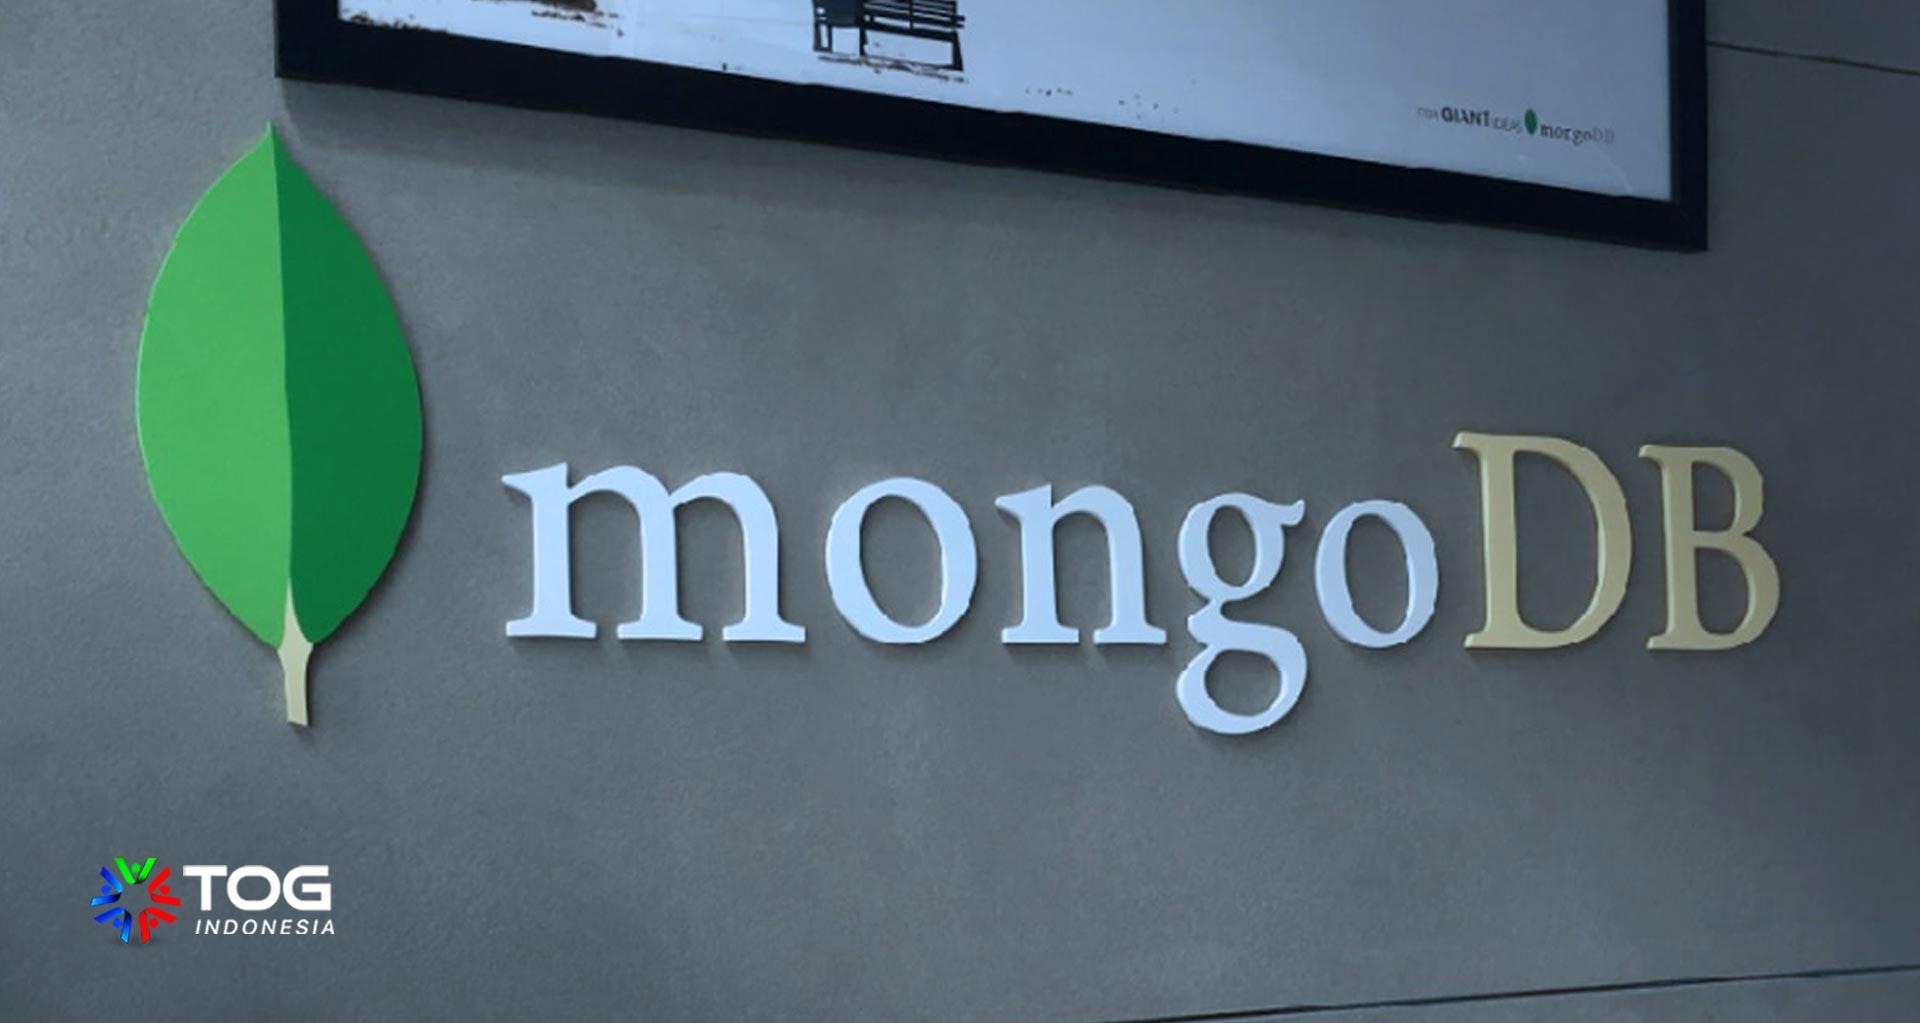 Kelebihan MangoDB